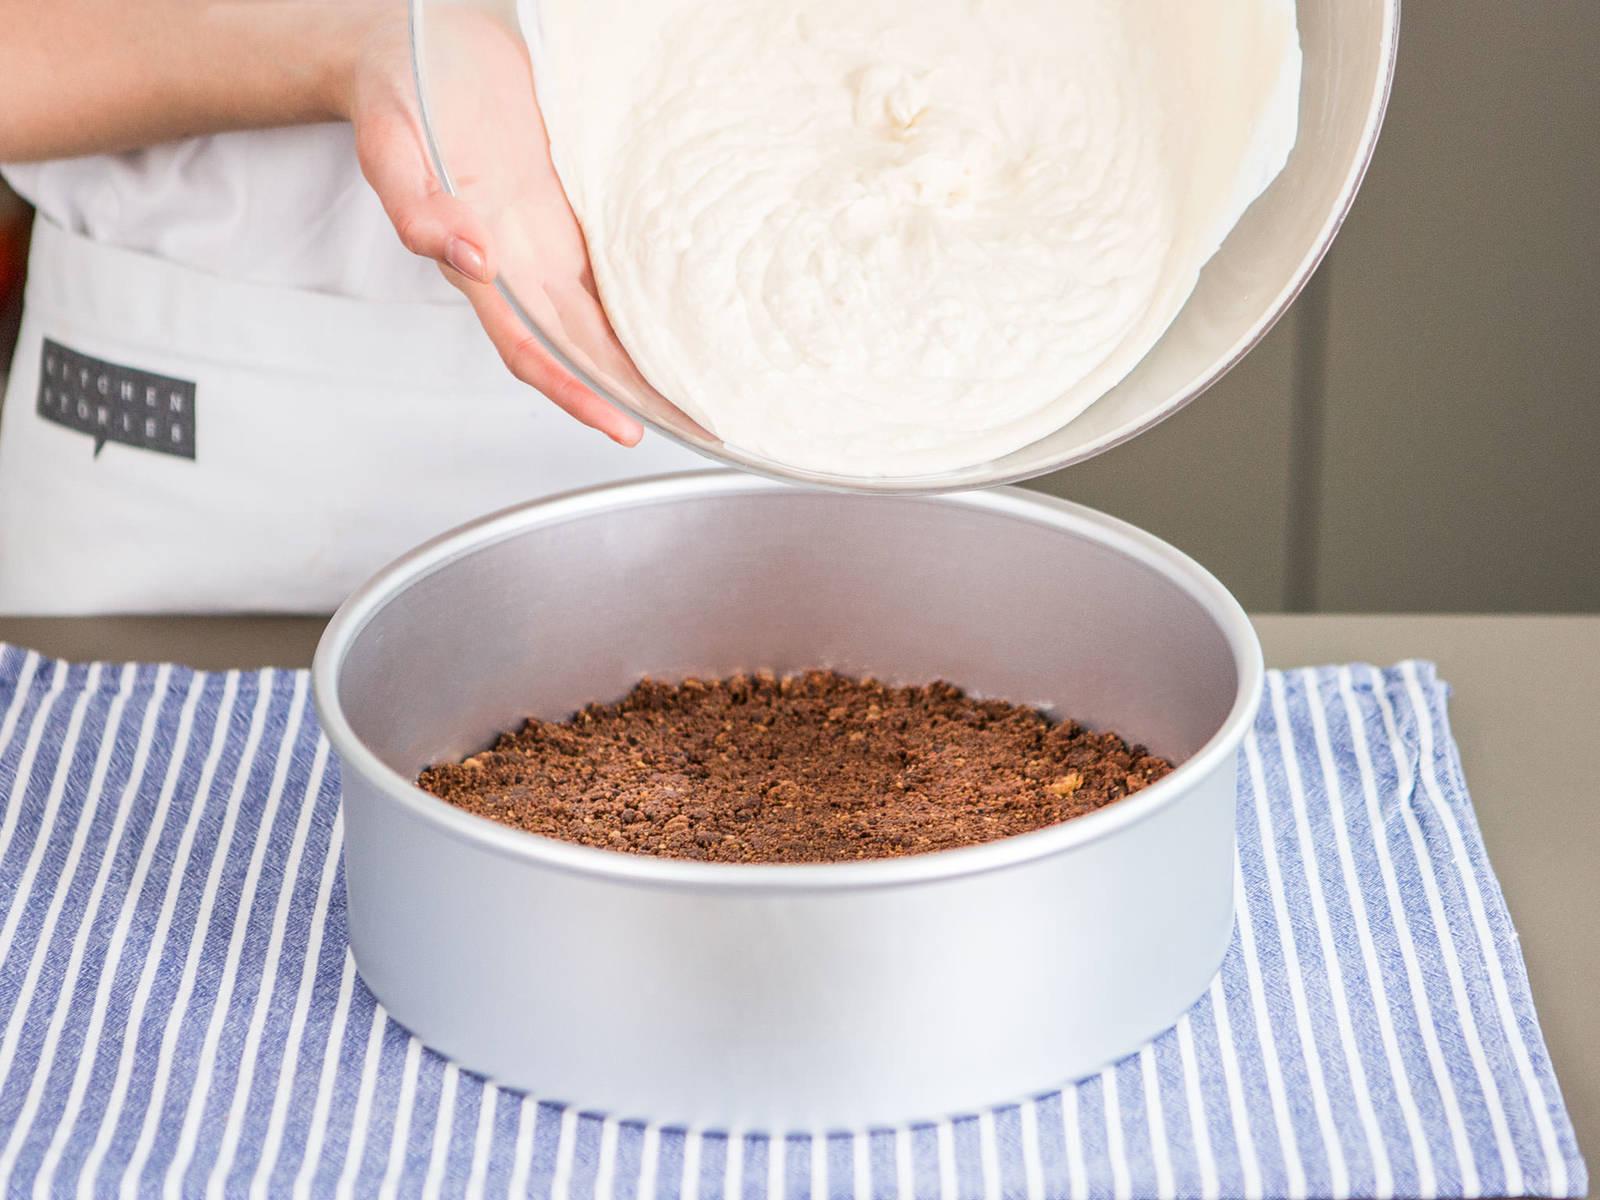 Cookiebrösel in eine runde Backform geben und sorgfältig und fest andrücken, um den Kuchenboden zu formen. Joghurt-Frischkäse-Masse hinzugeben. Die Form vorsichtig auf die Arbeitsfläche klopfen um Luftbläschen freizugeben. Ca. 3 Stunden im Kühlschrank ruhen lassen.